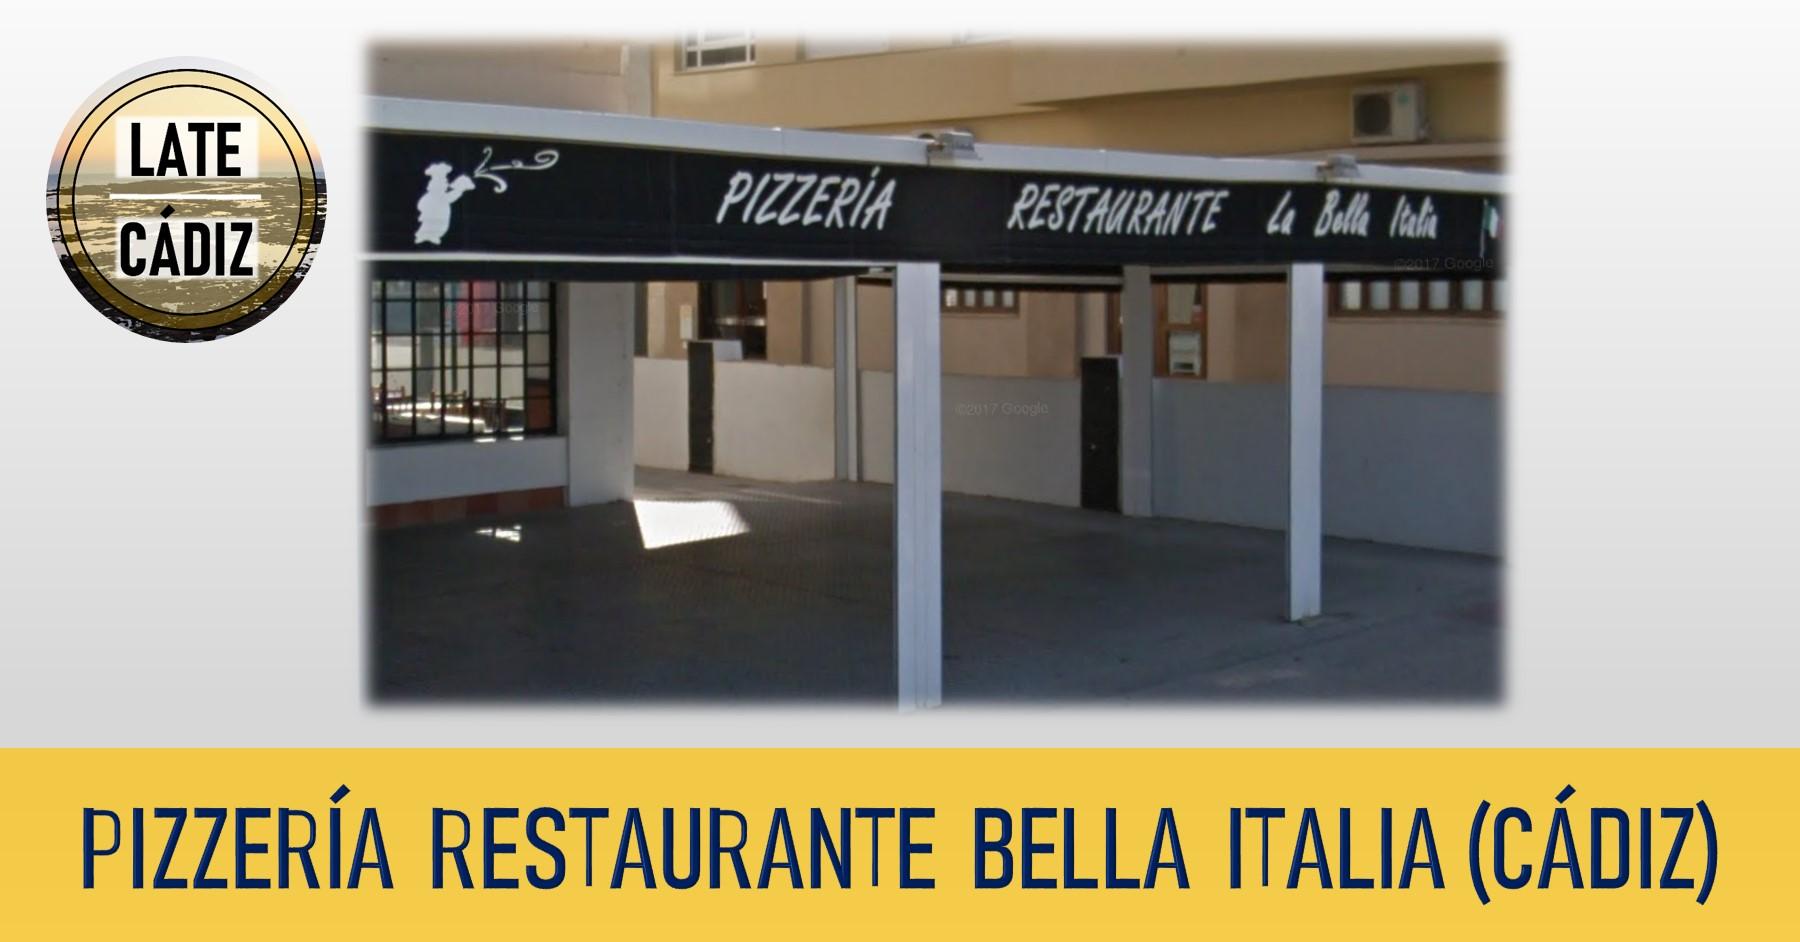 restaurante pizzeria bella italia cadiz 0